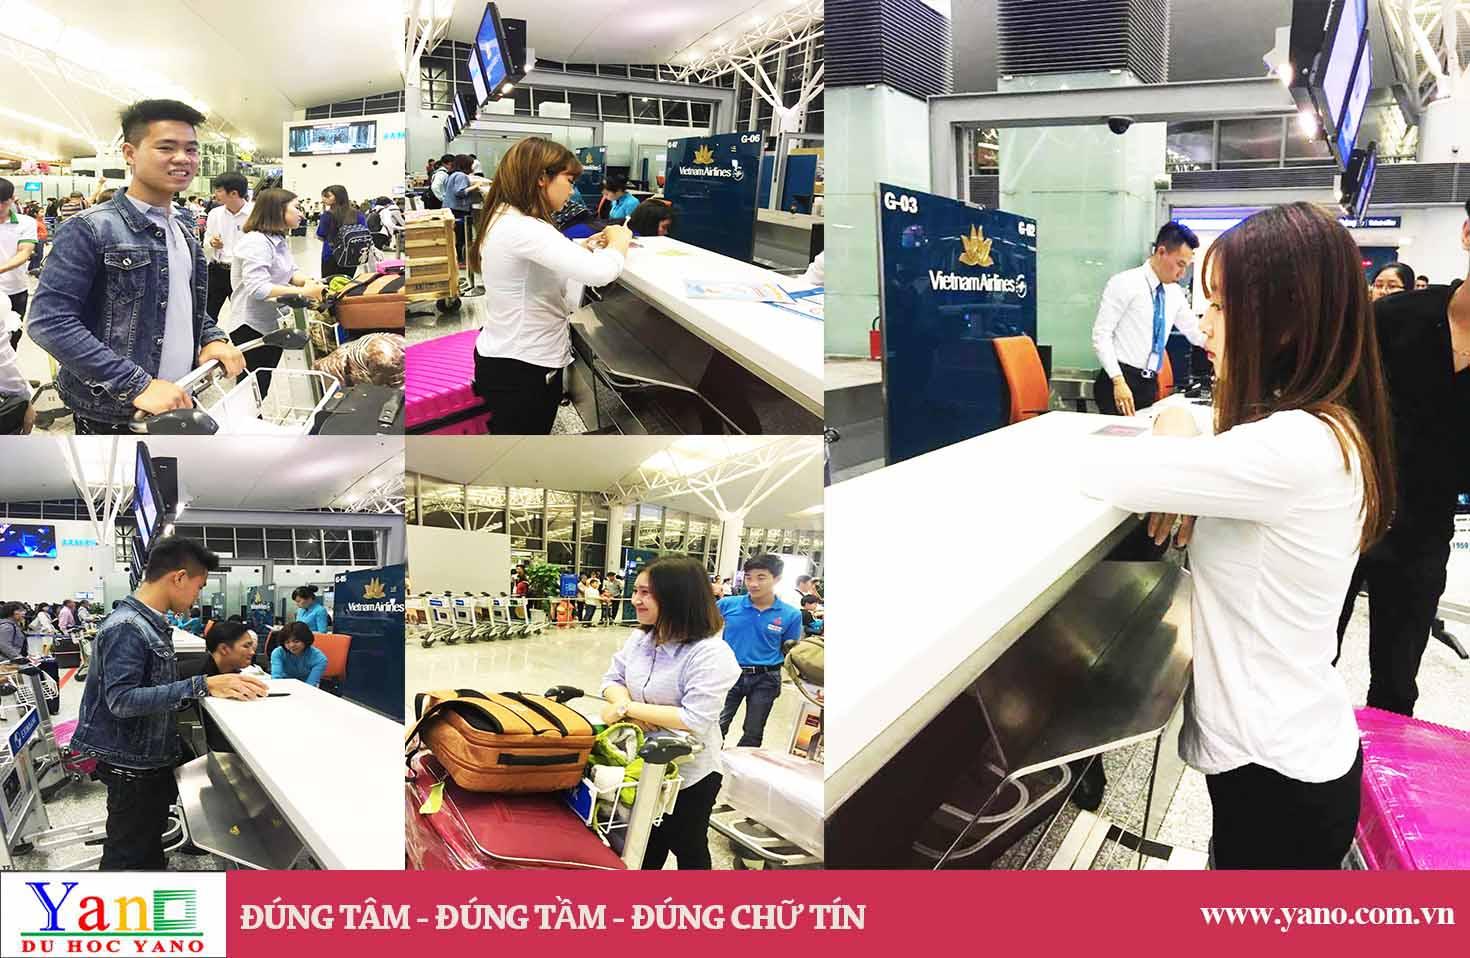 Hình ảnh đưa DHS Yano nhập học kỳ 04/2017 tại sân bay Nội Bài